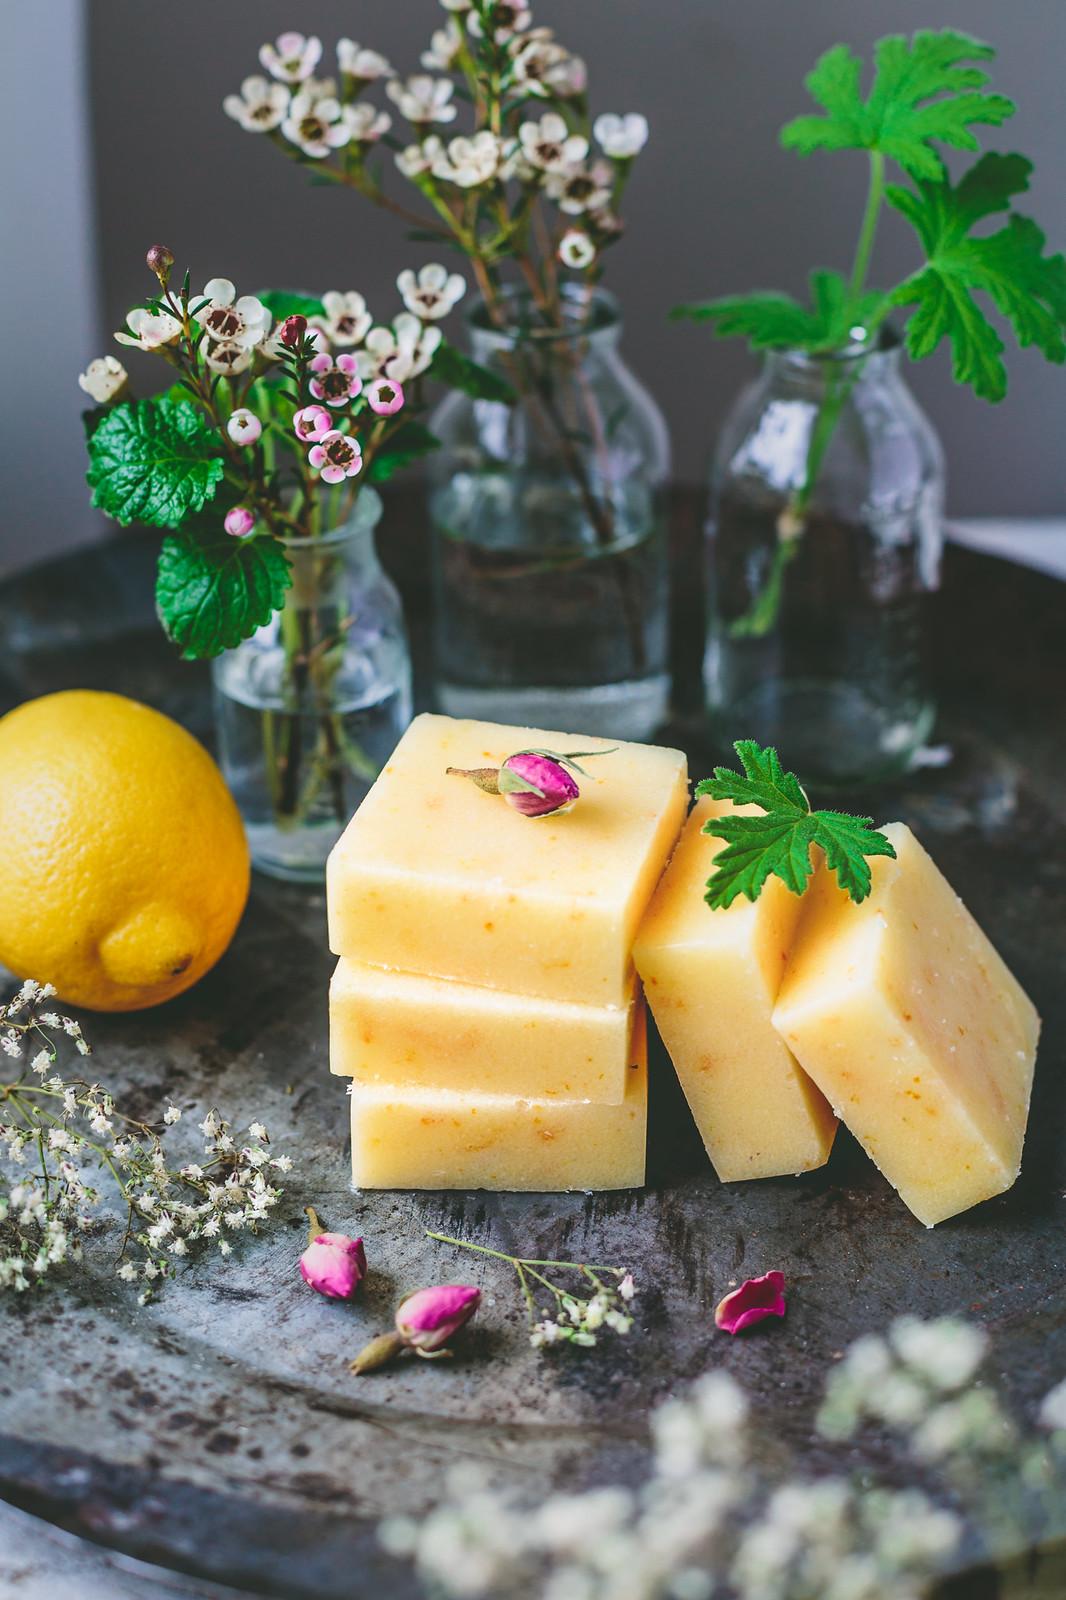 DIY Kroppsskrubb citrus & kokos - Evelinas Ekologiska